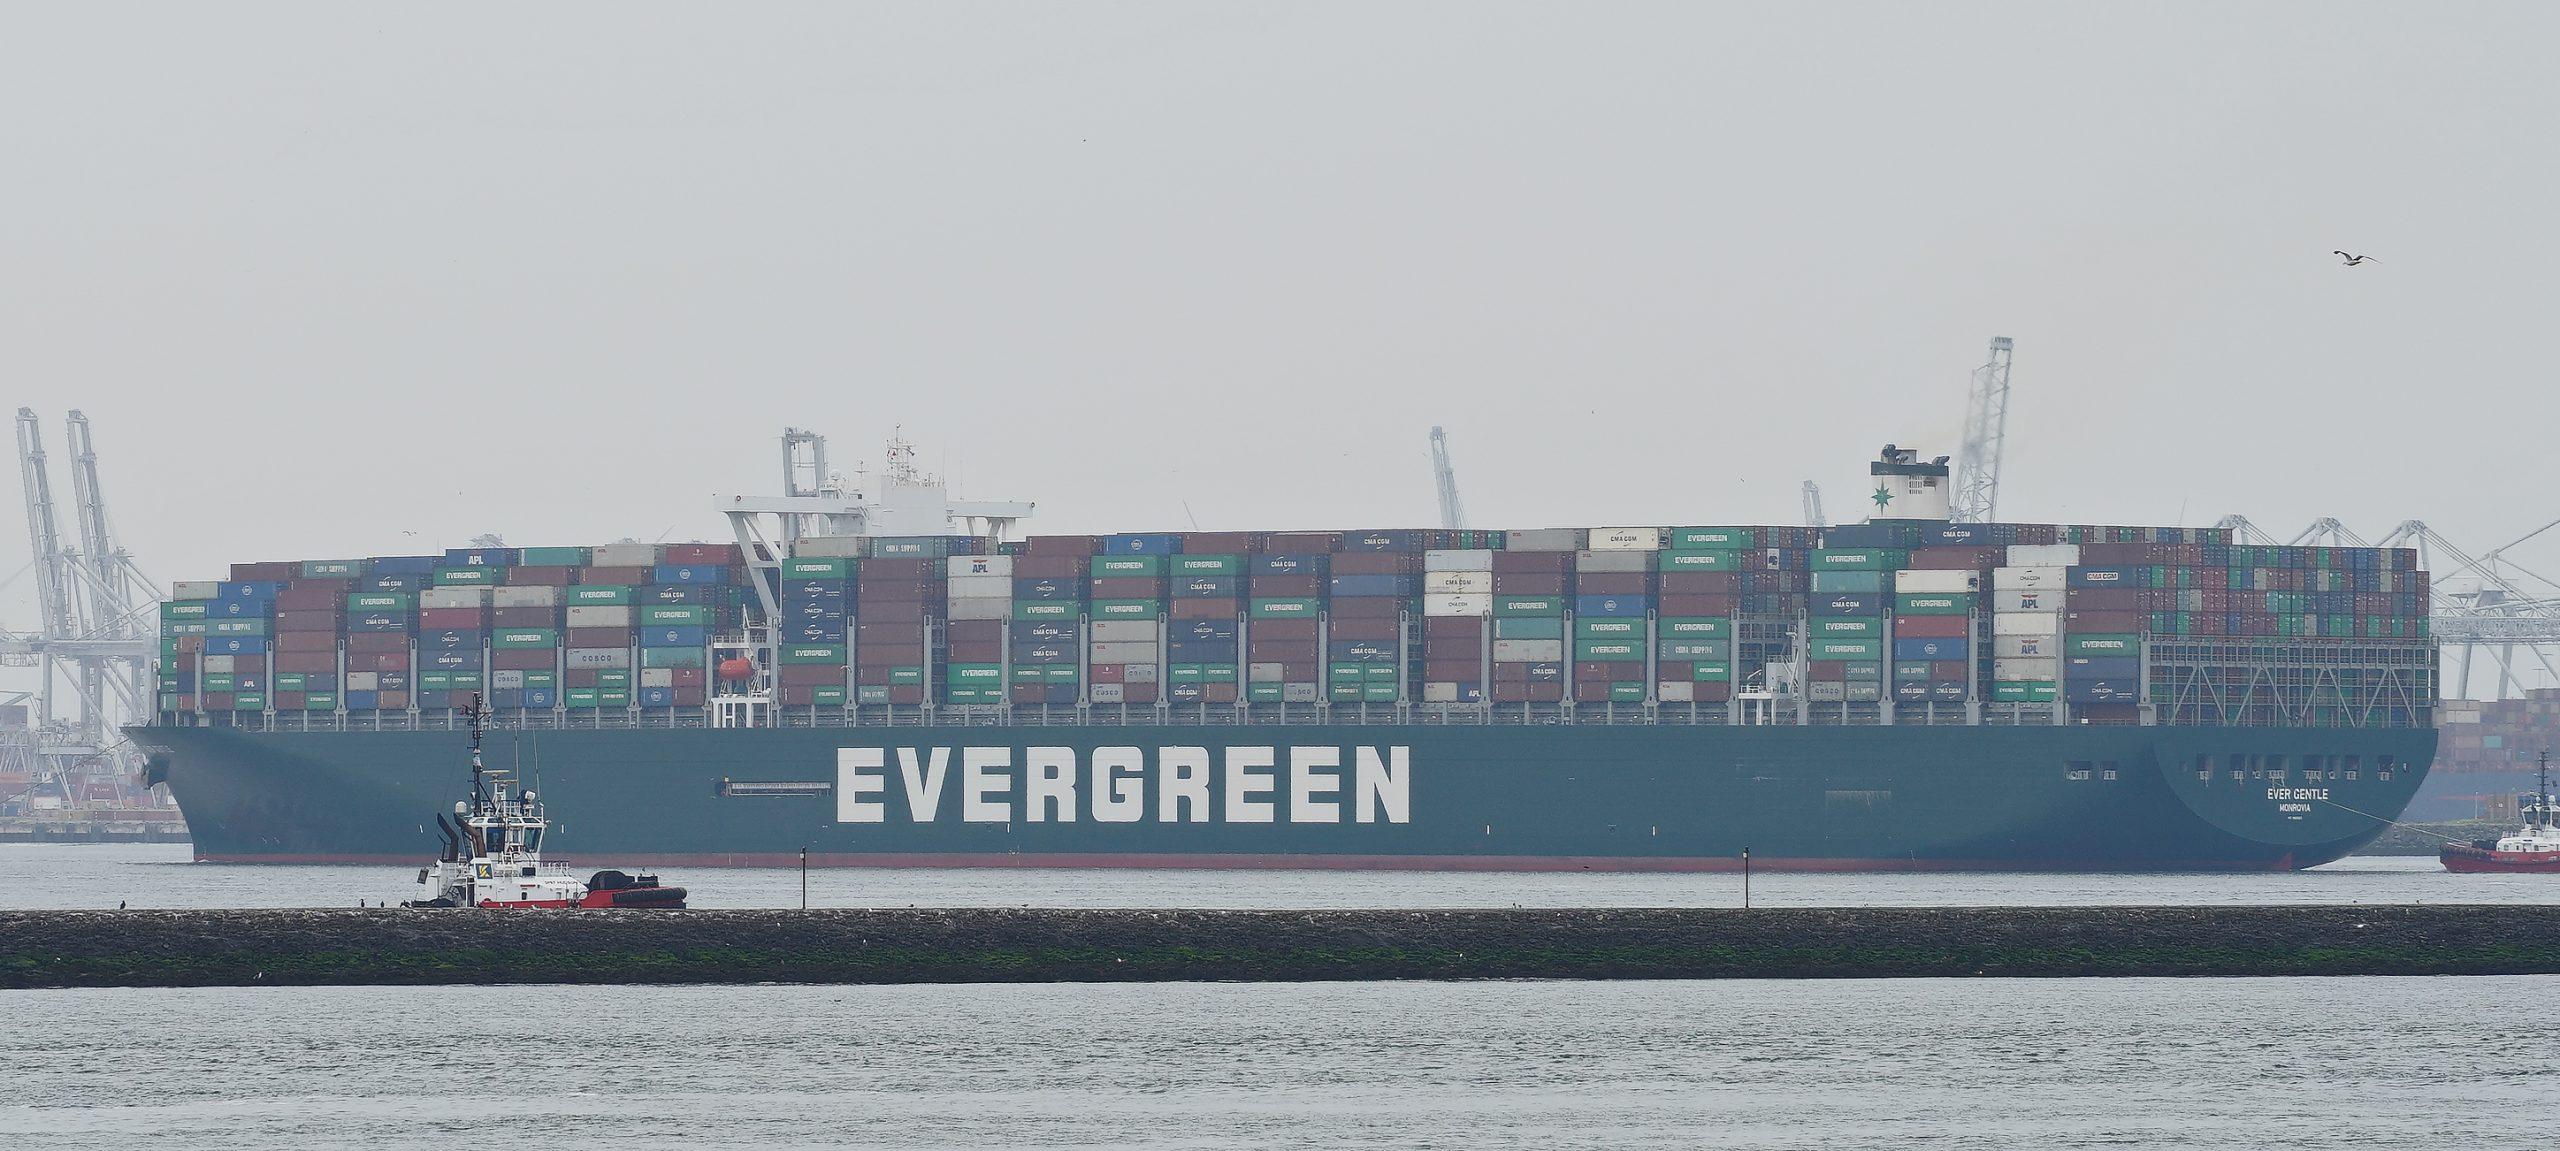 De Evergreen Ever Golden en Gentle (400 x 59 meter) sluiten met een capaciteit van 20.388 teu de lijst van de 10 grootste containerschepen. (Foto Wikimedia)